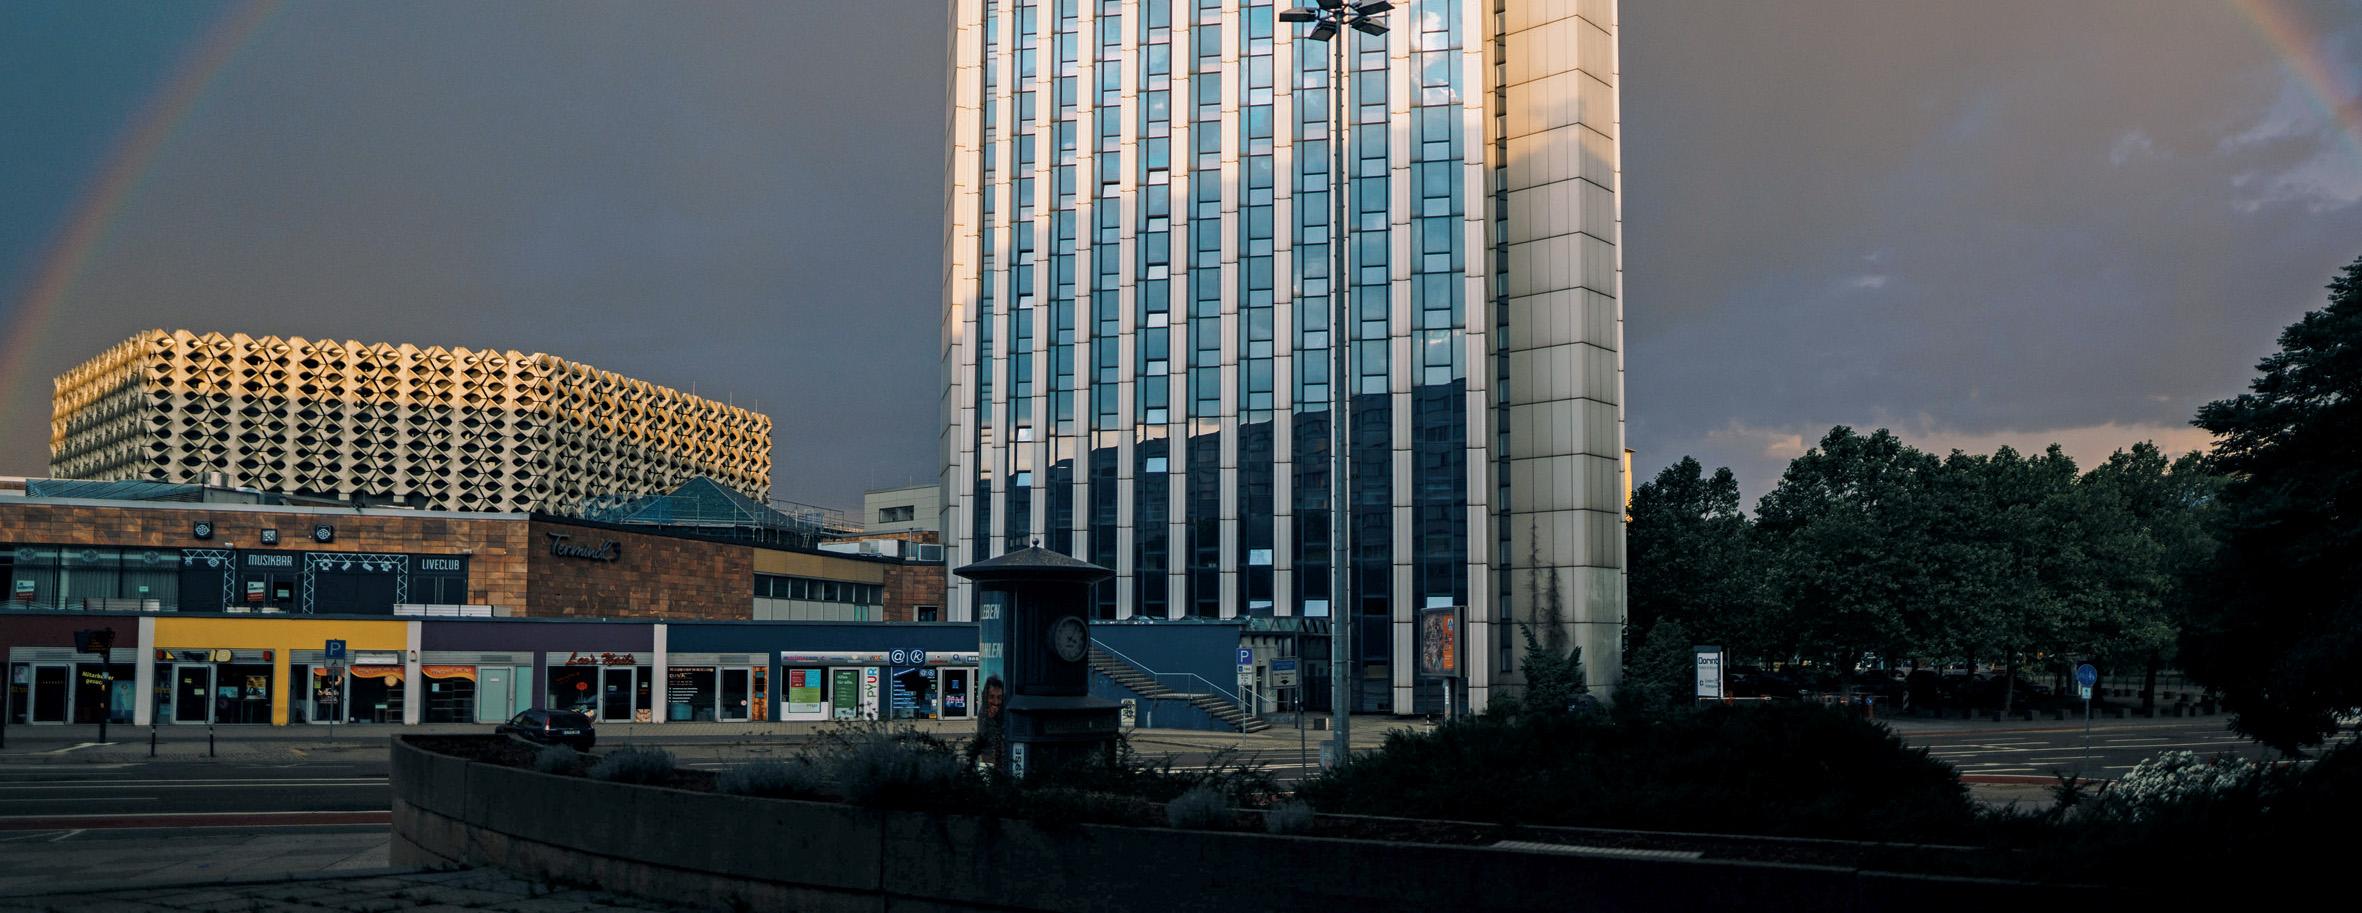 Schicke Hotels mit Tagungsangebot Image 1